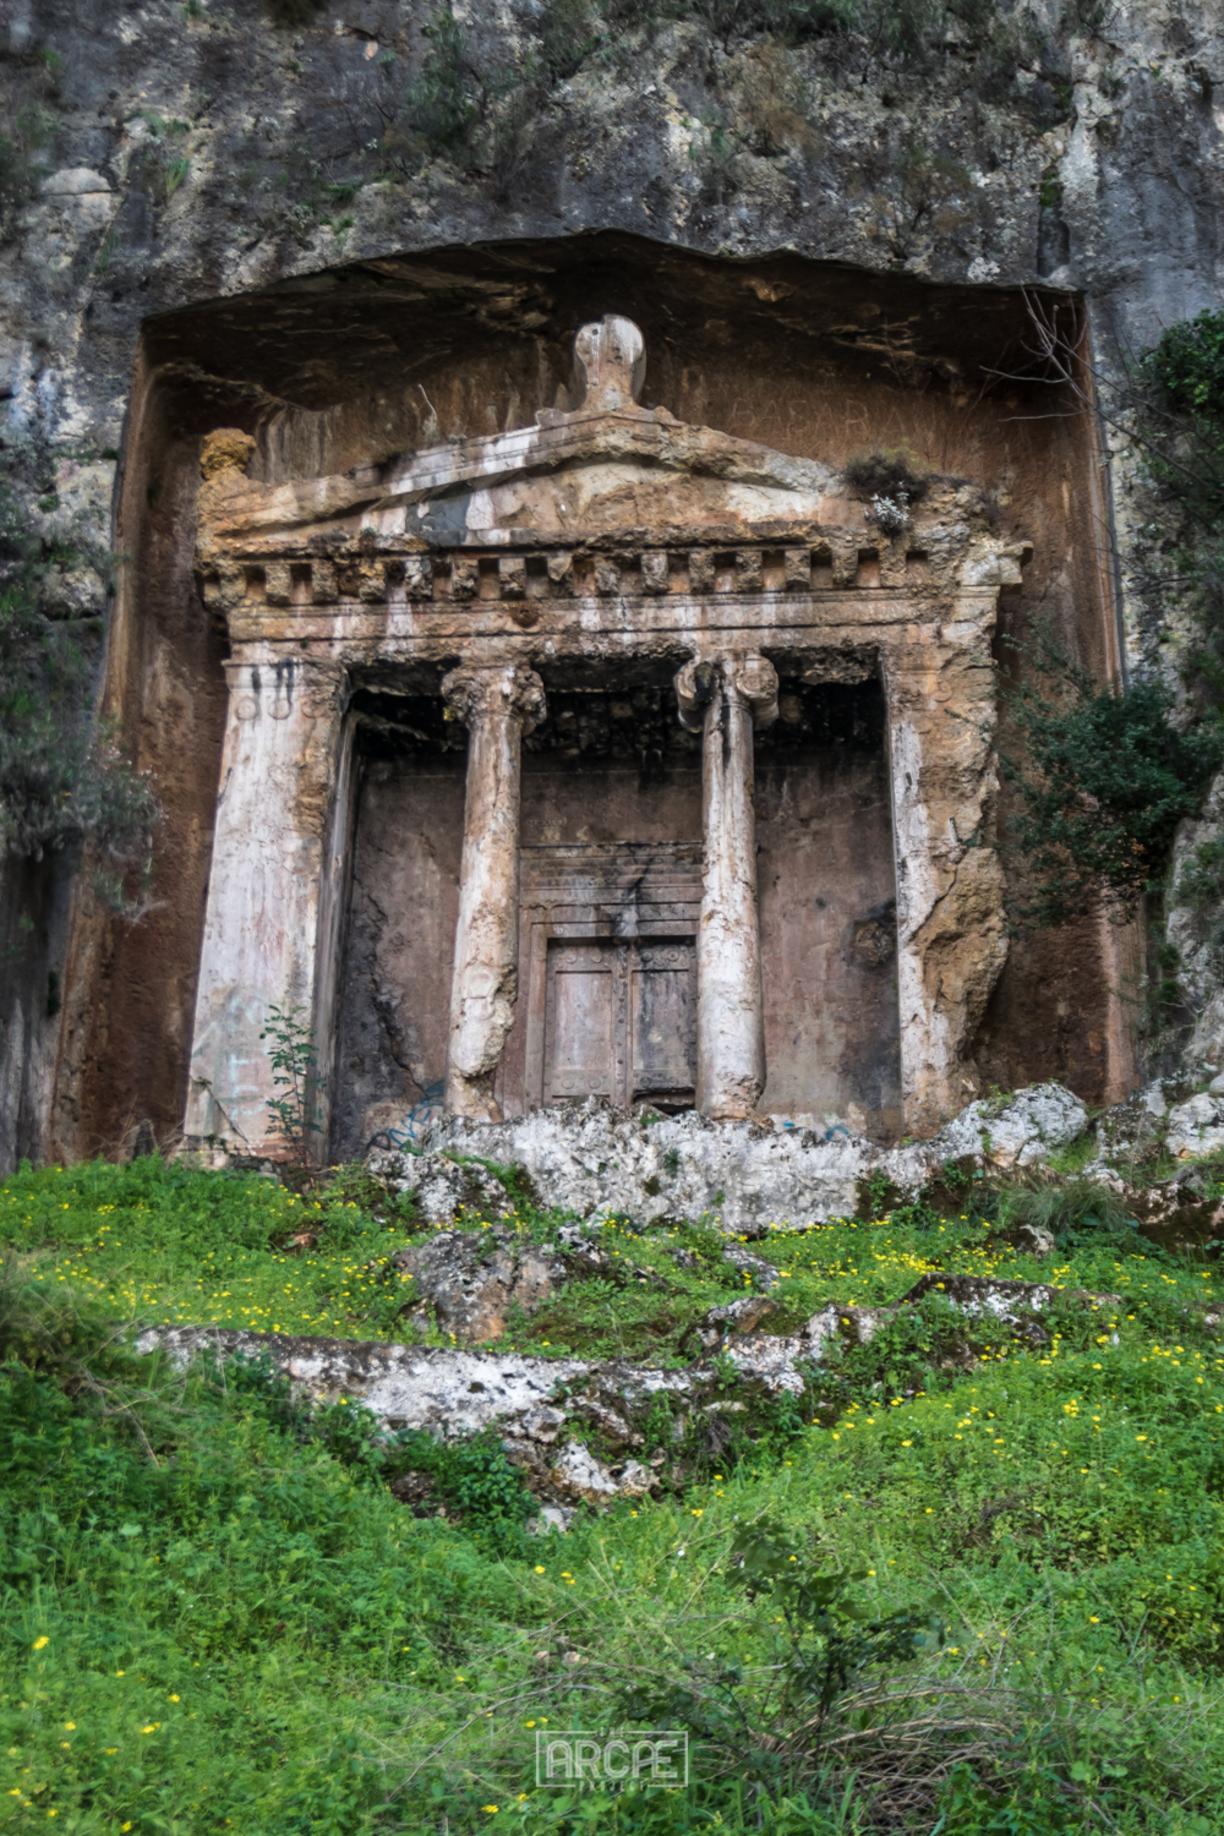 Amynthas Rock Tomb, Fethiye, Turkey - The Rock Tombs of Fethiye...